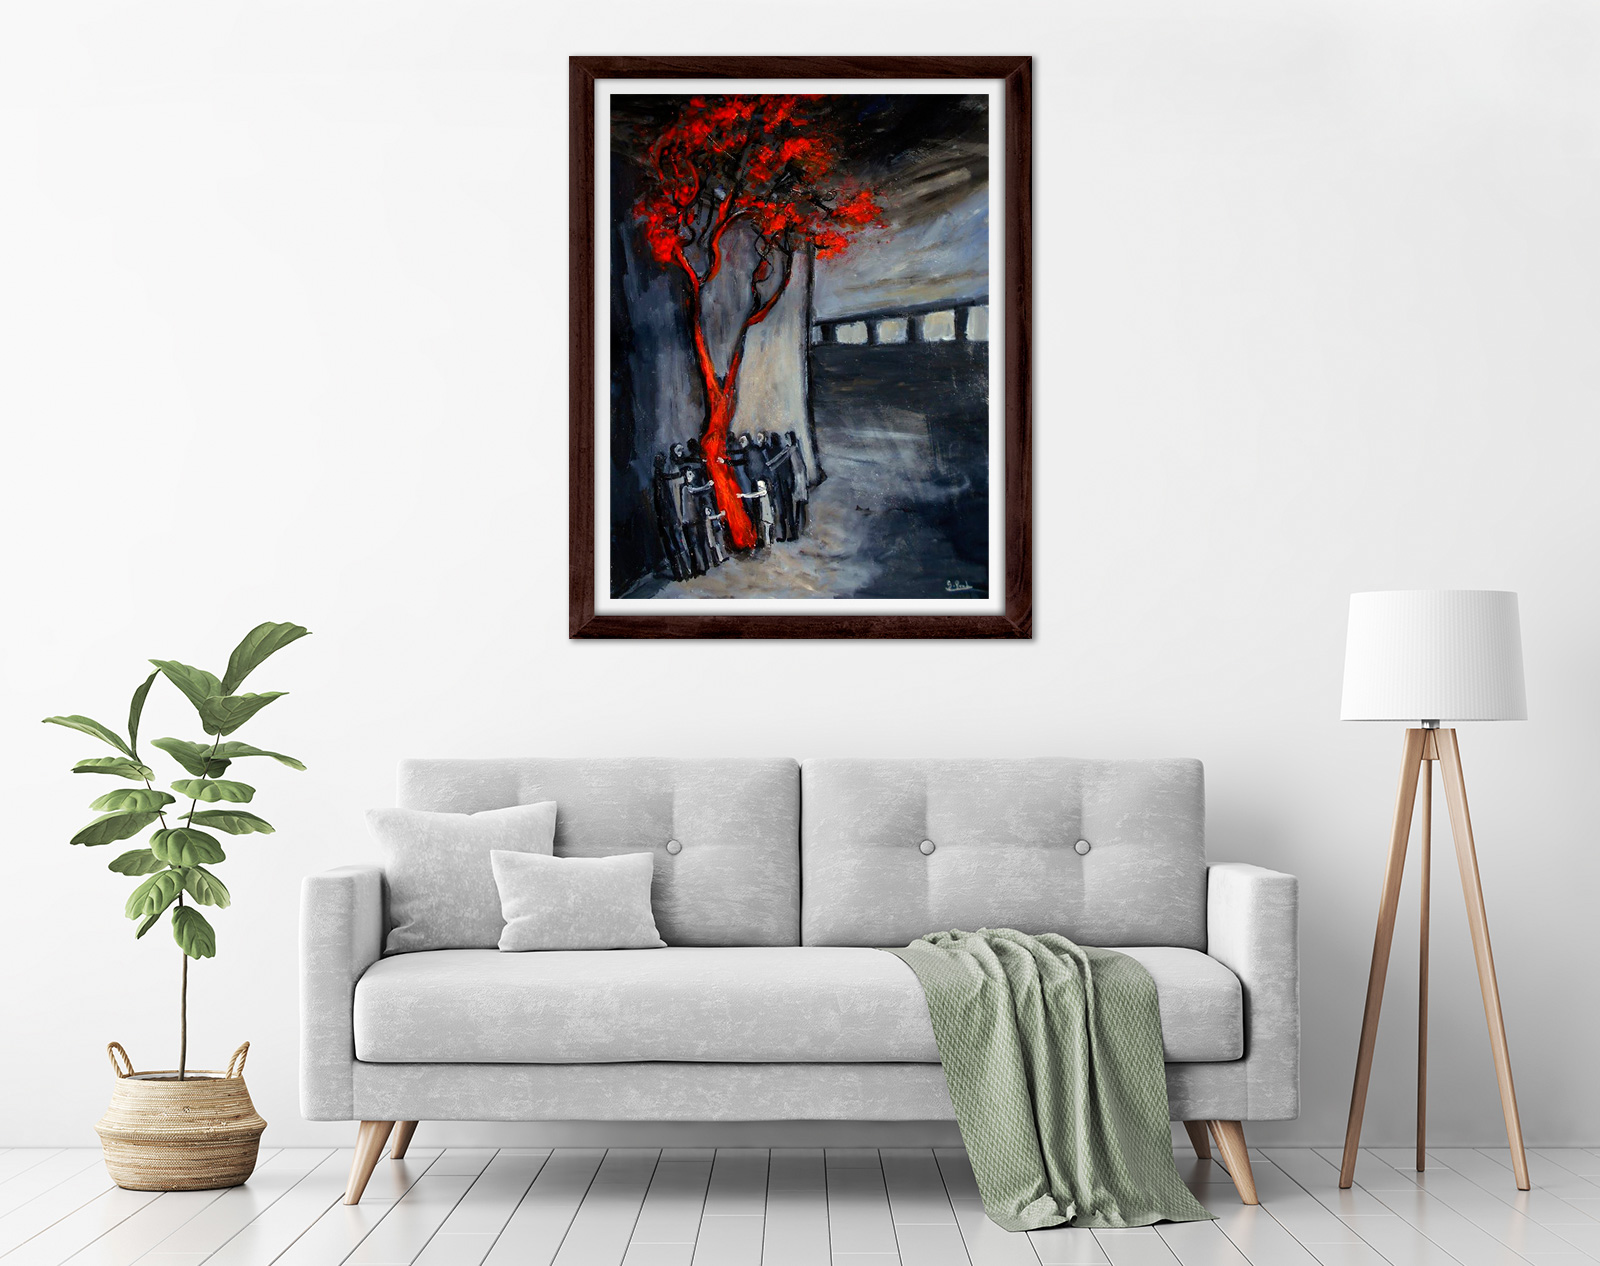 Glenn Brady - 'Around the Red Tree' Framed in a room